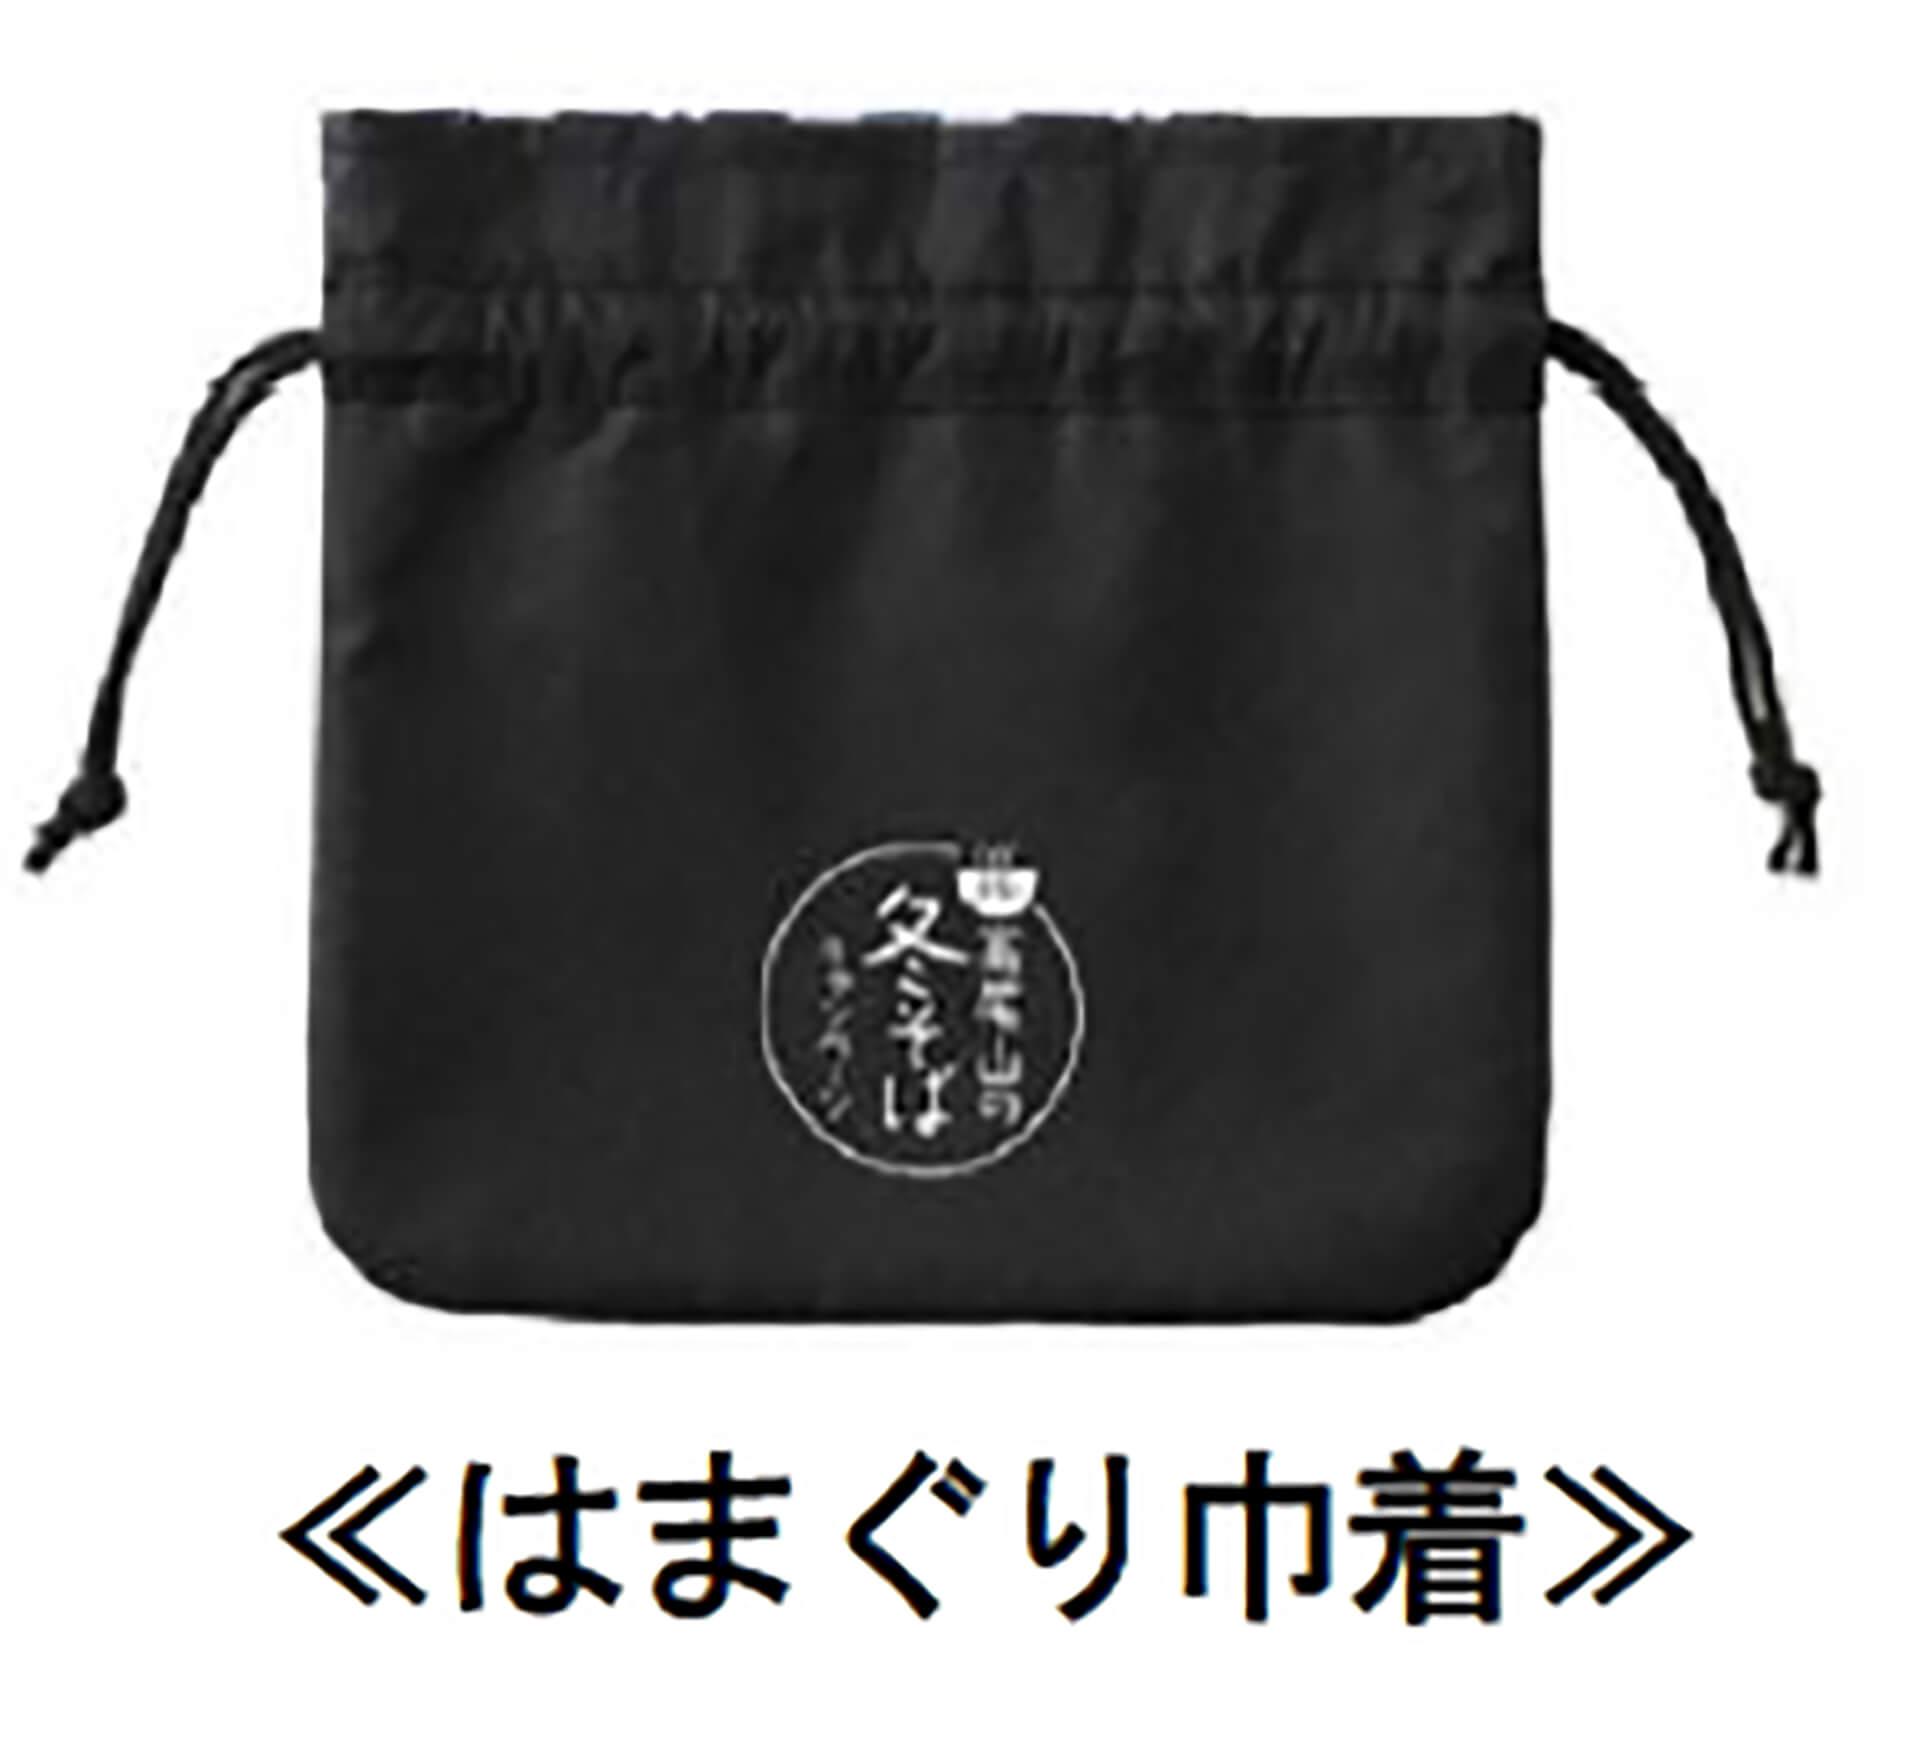 京王電鉄・第19回高尾山の冬そばキャンペーン